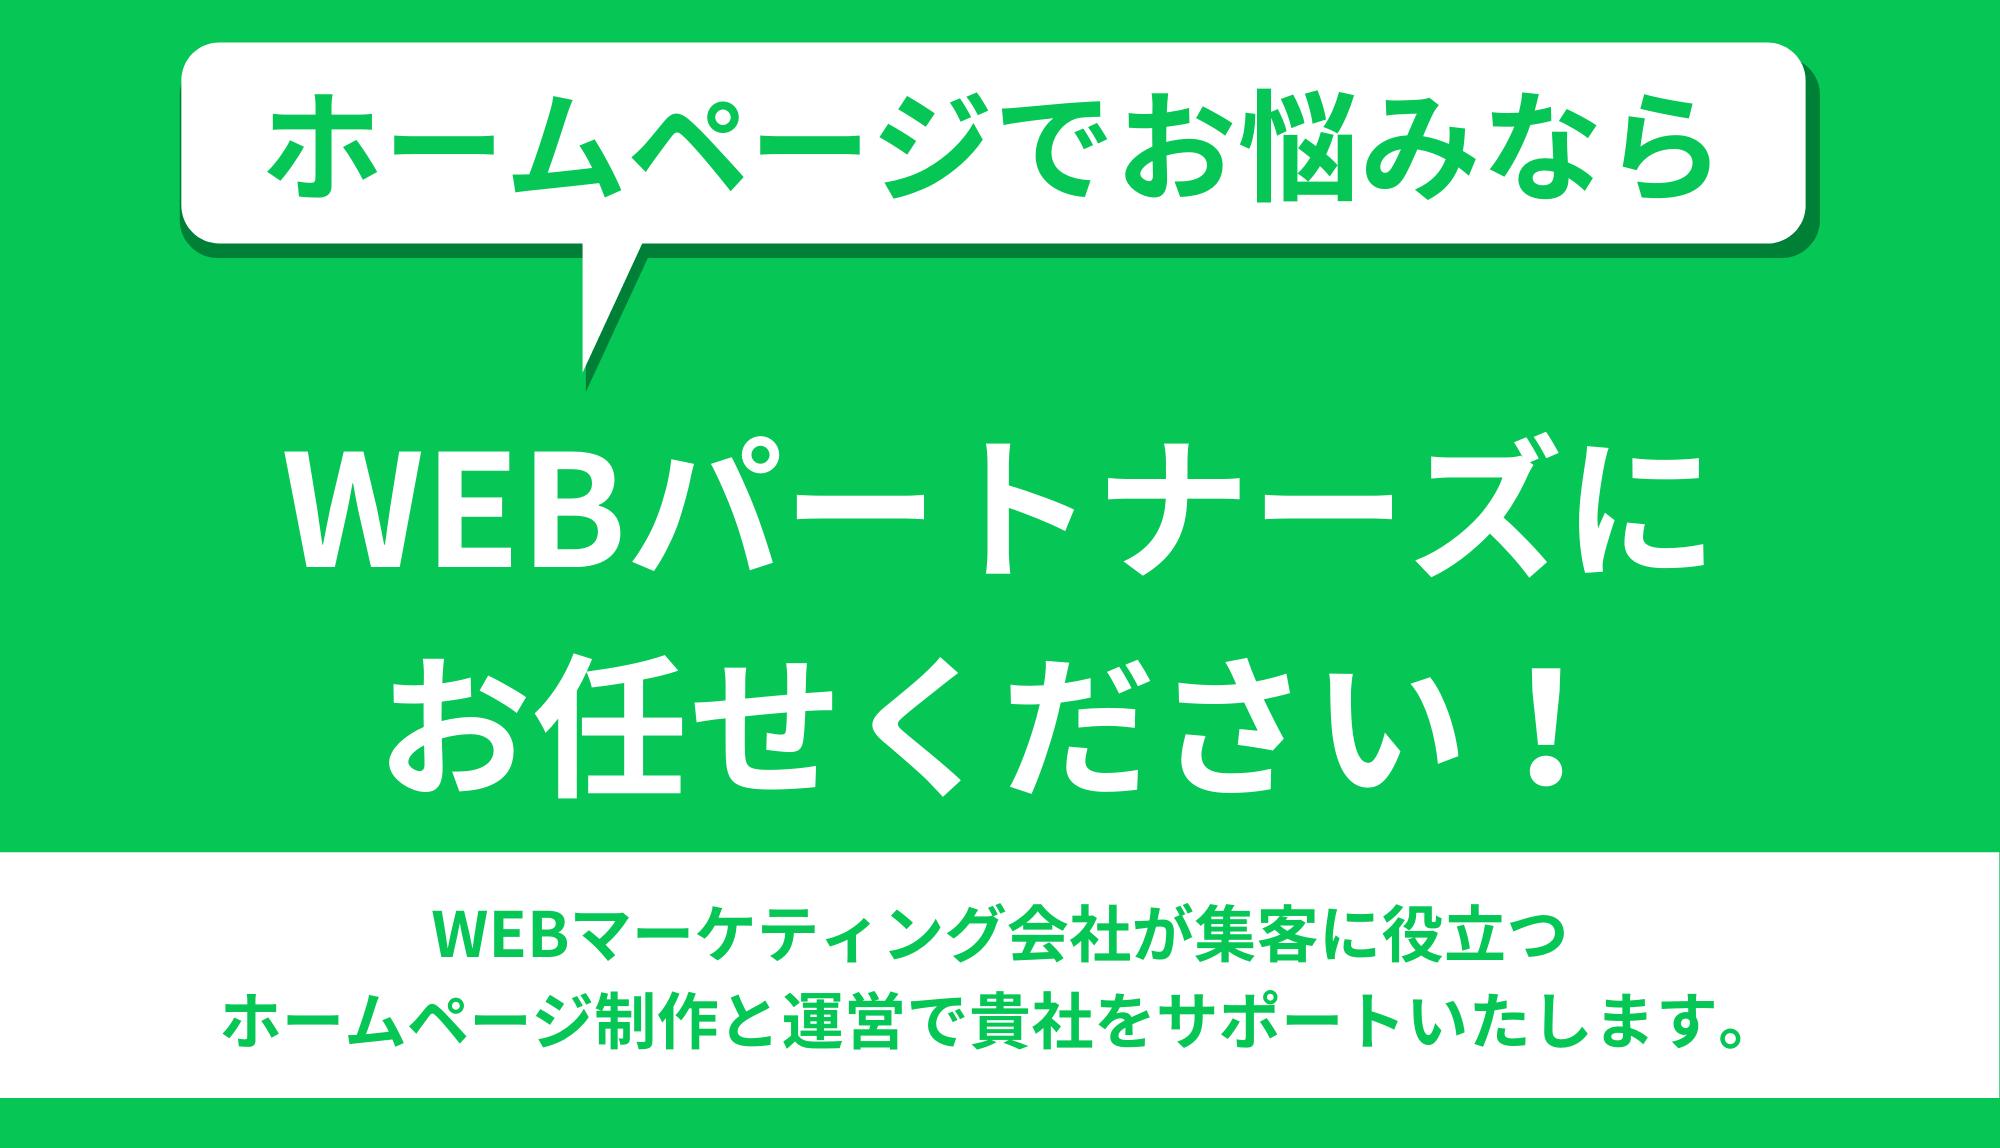 ホームページ制作ならWEBパートナーズ